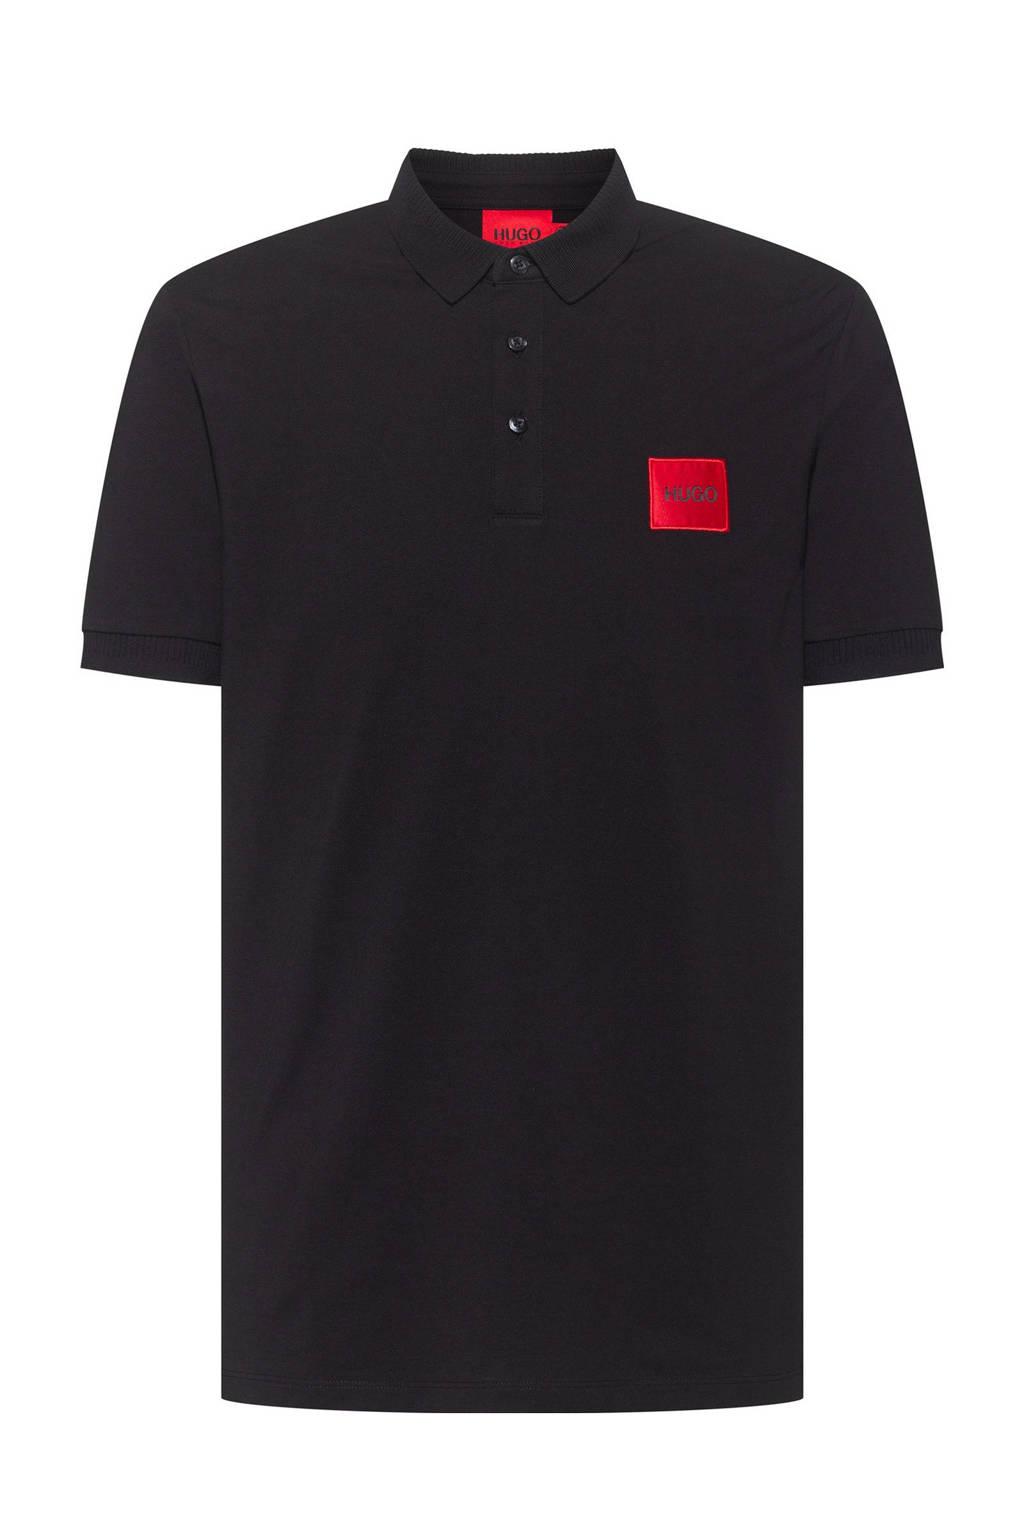 HUGO regular fit polo zwart, Zwart